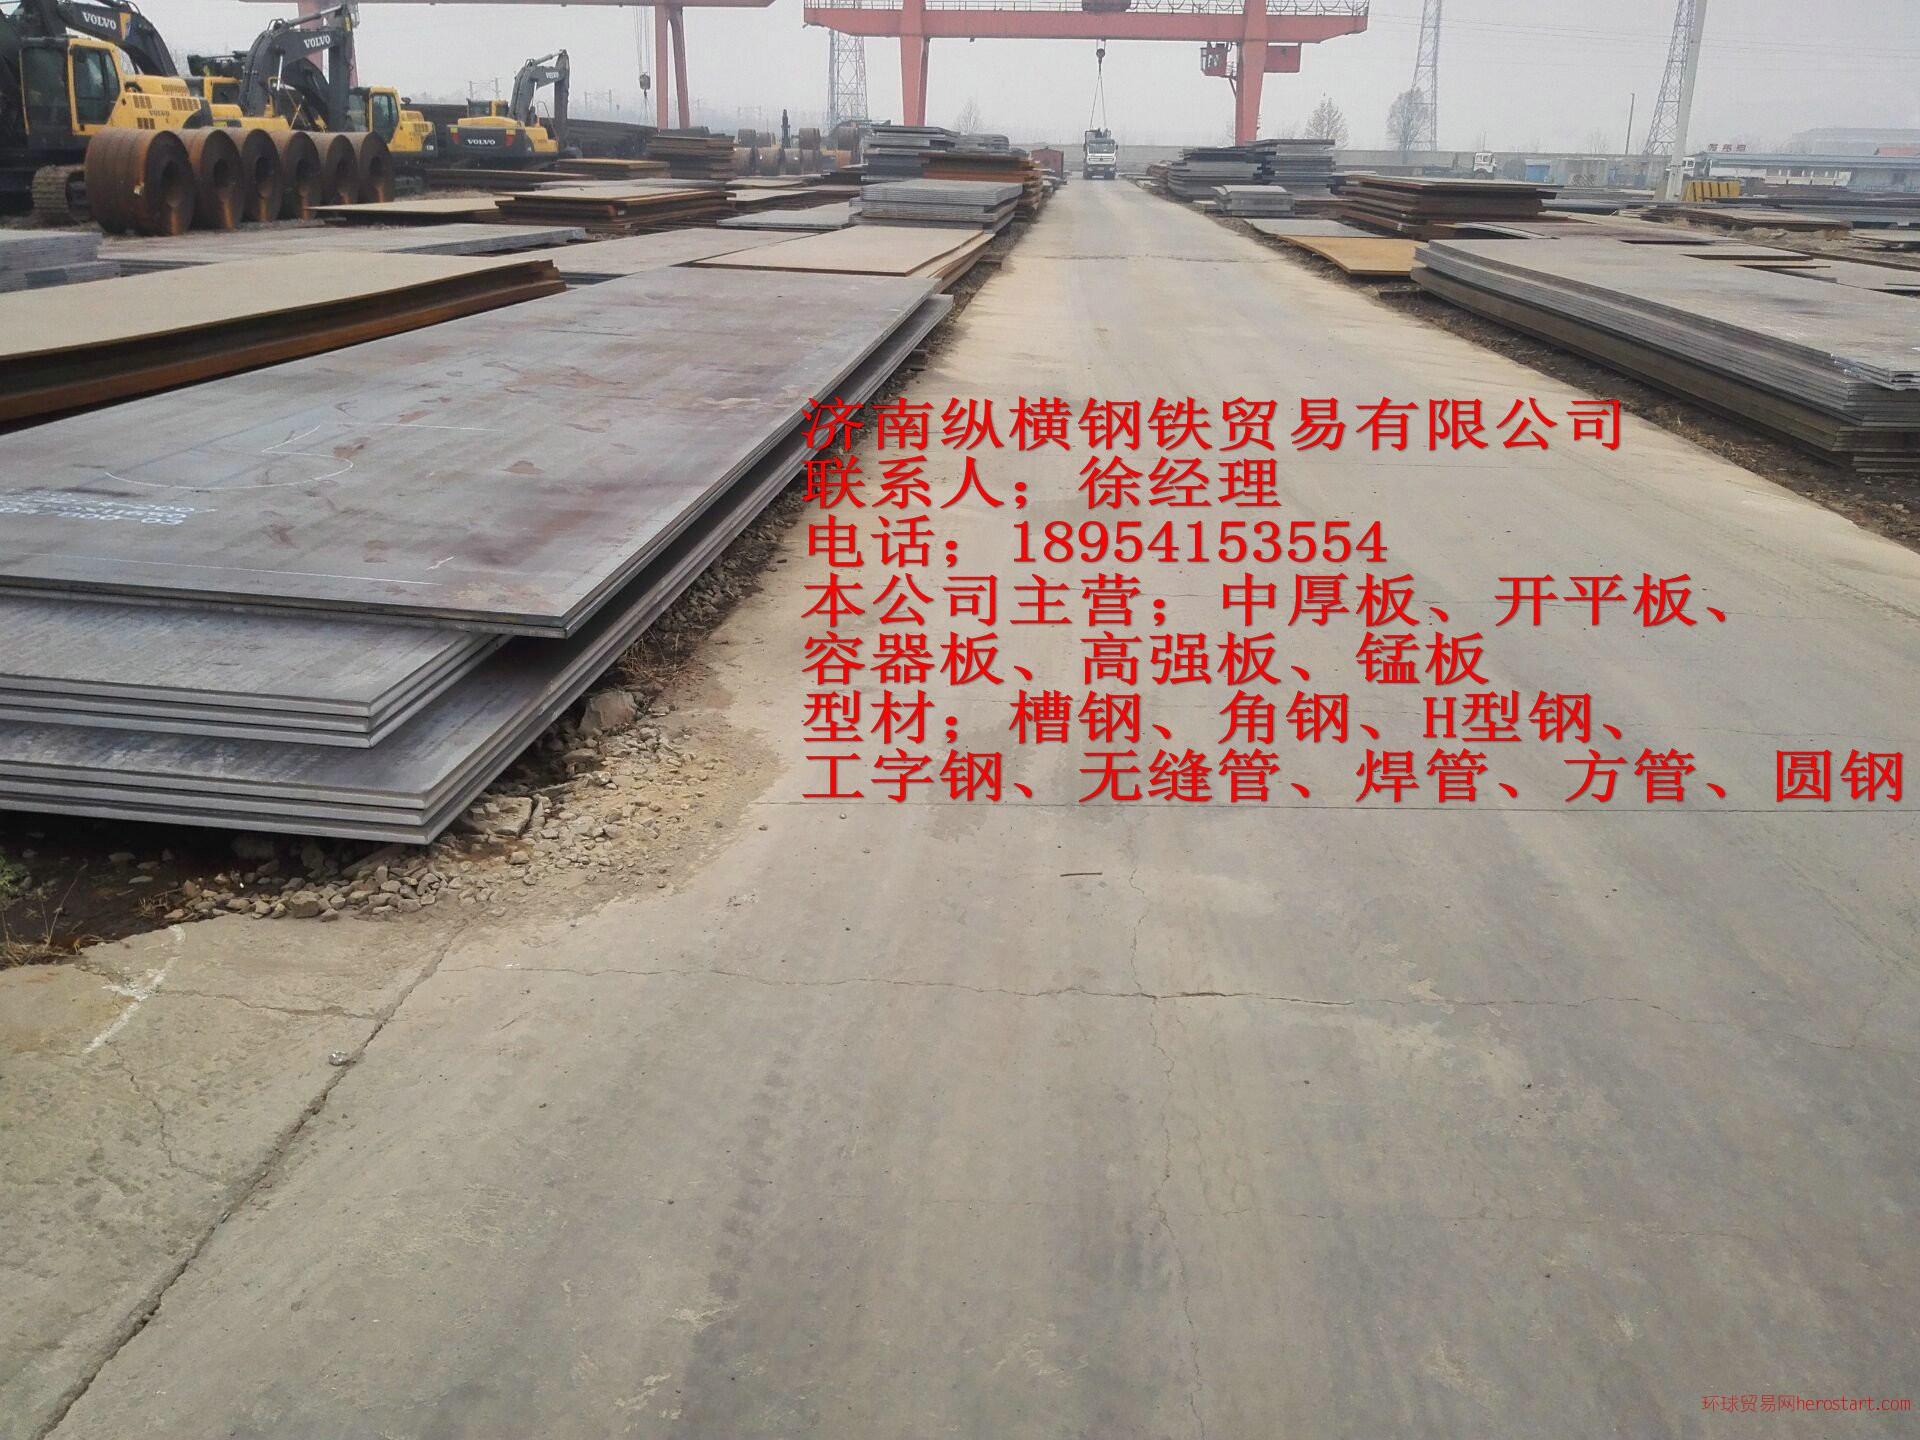 钢材走势 济钢普板特价处理 济钢钢板